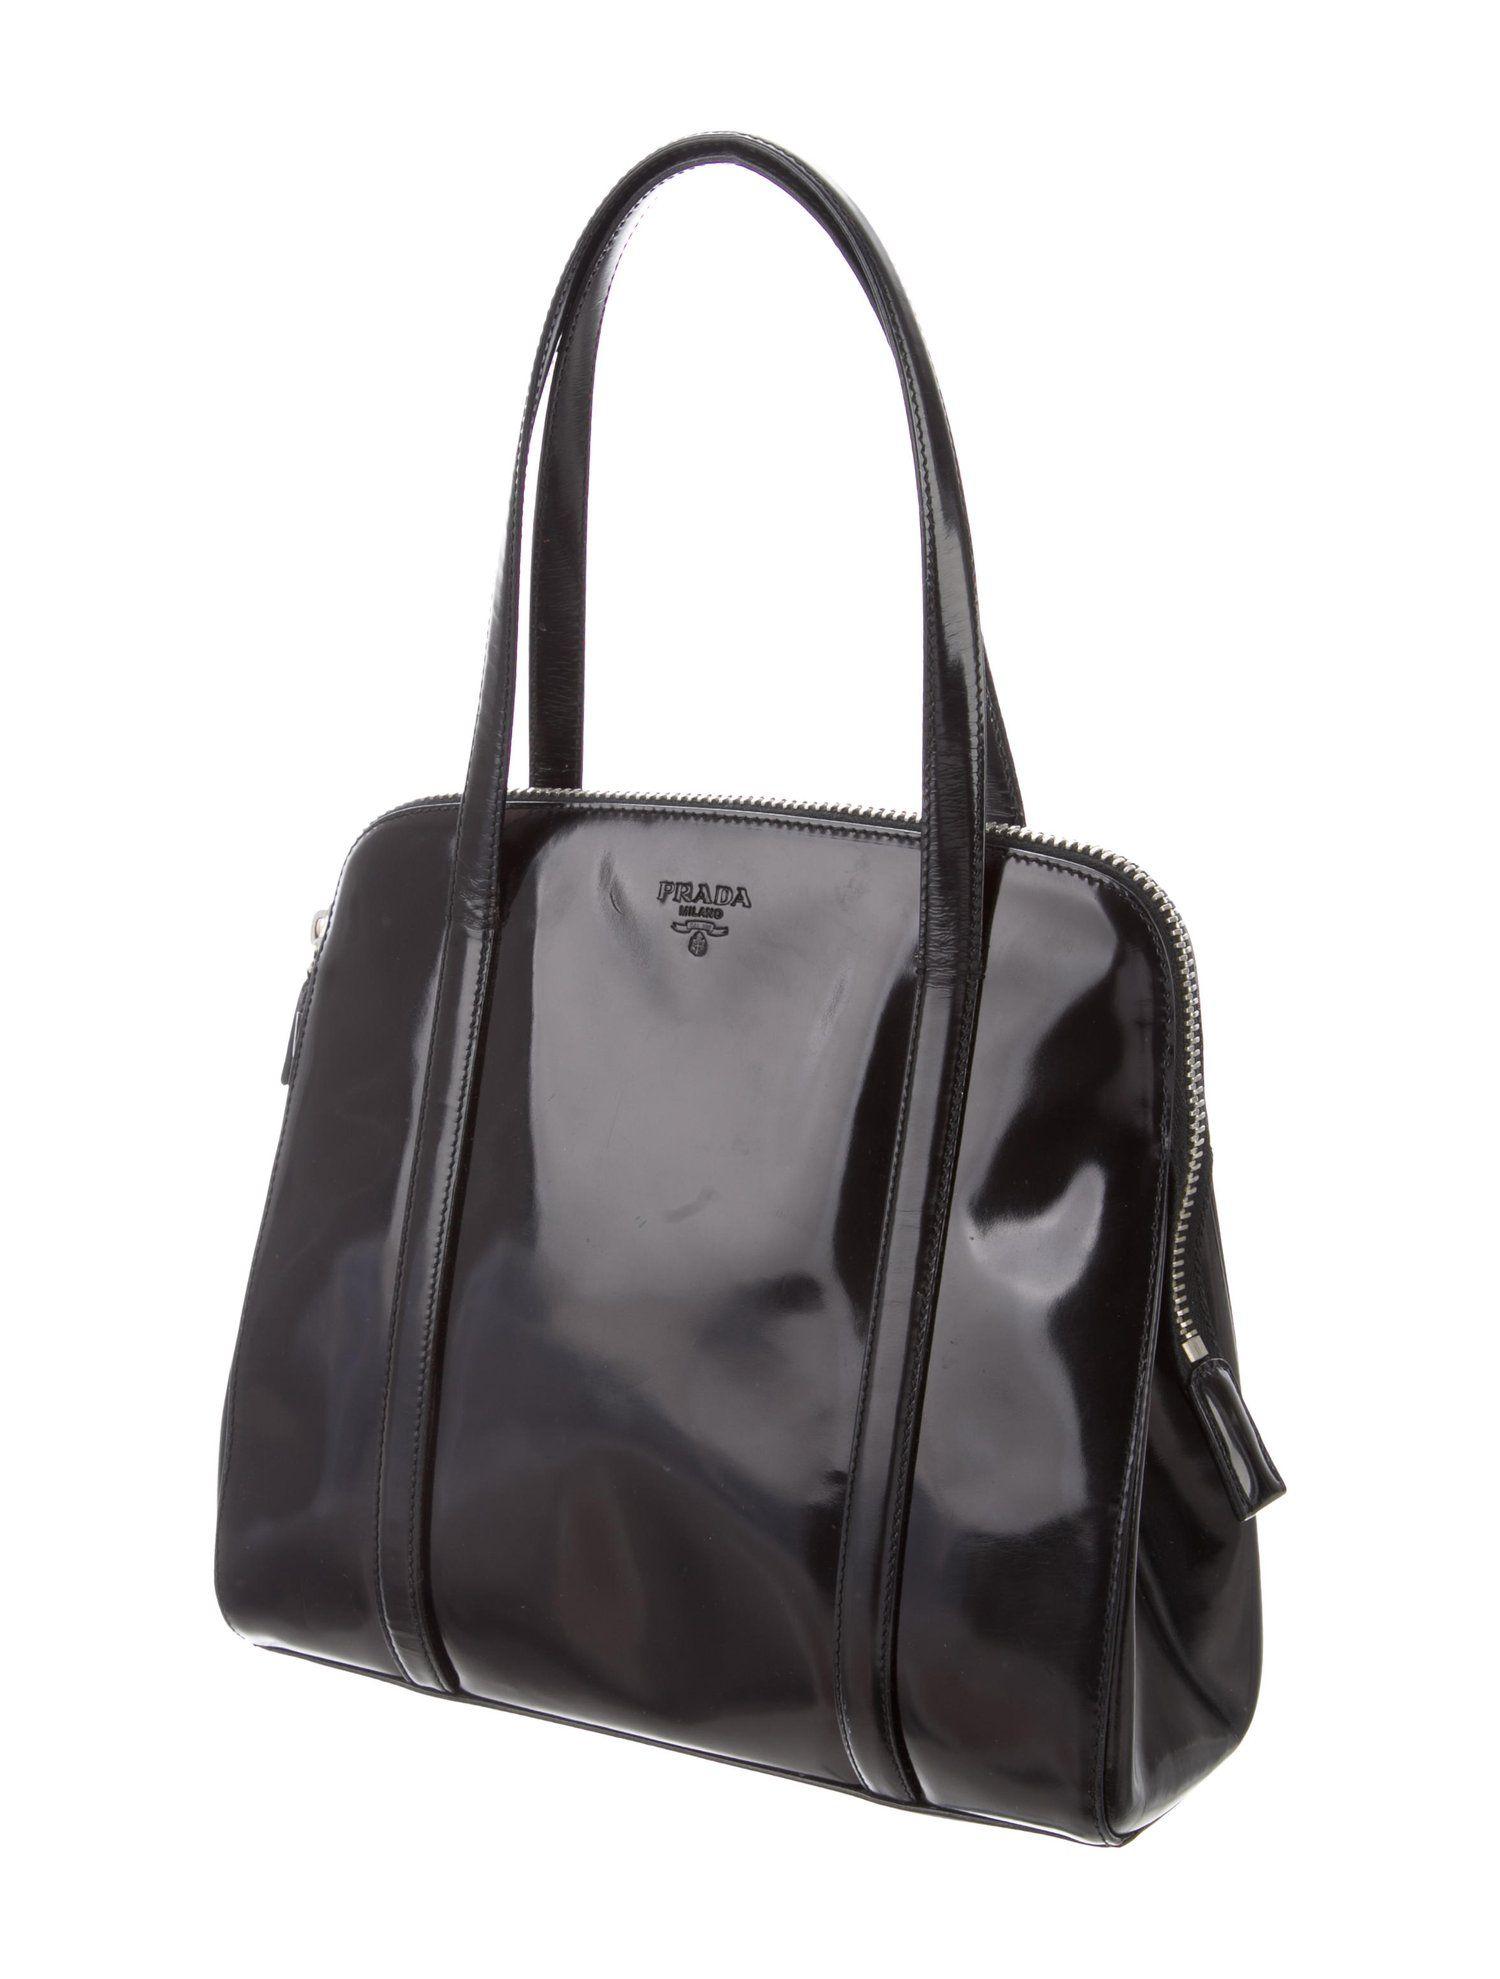 1de6312accc0 Prada Vintage Spazzolato Handle Bag - Handbags - PRA237849   The RealReal